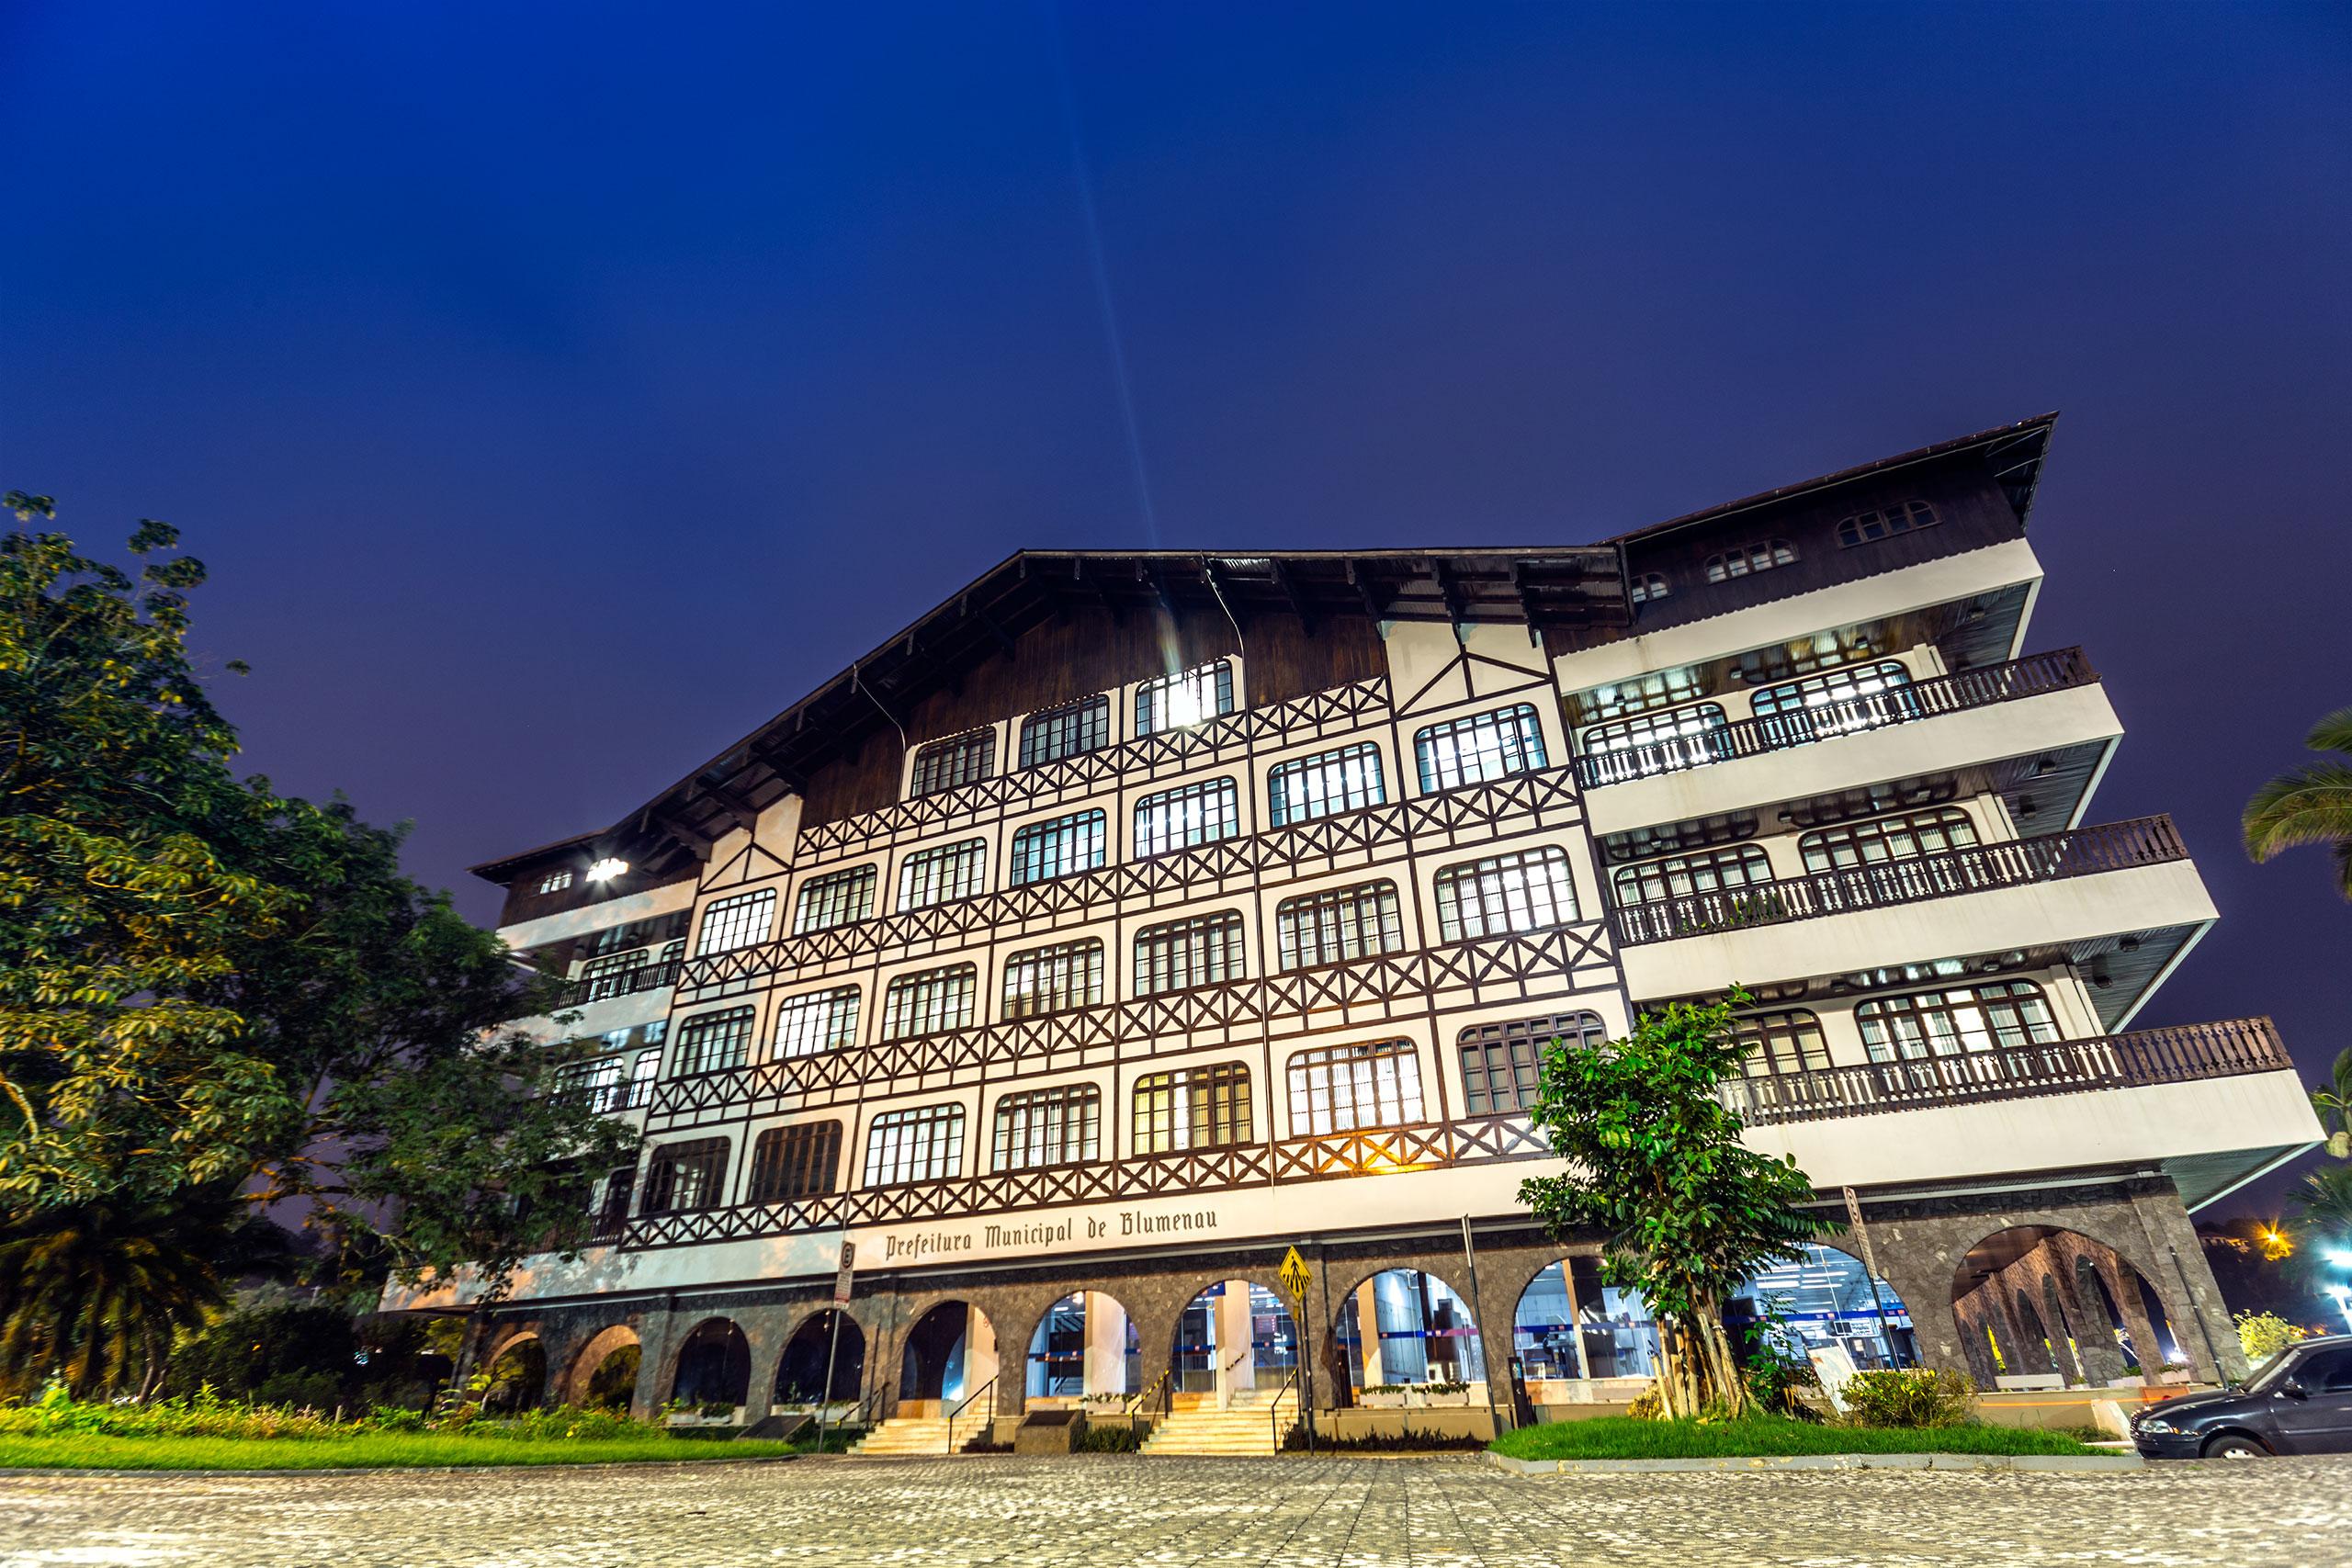 Resultado de imagen de Ayuntamiento de Blumenau Brasil